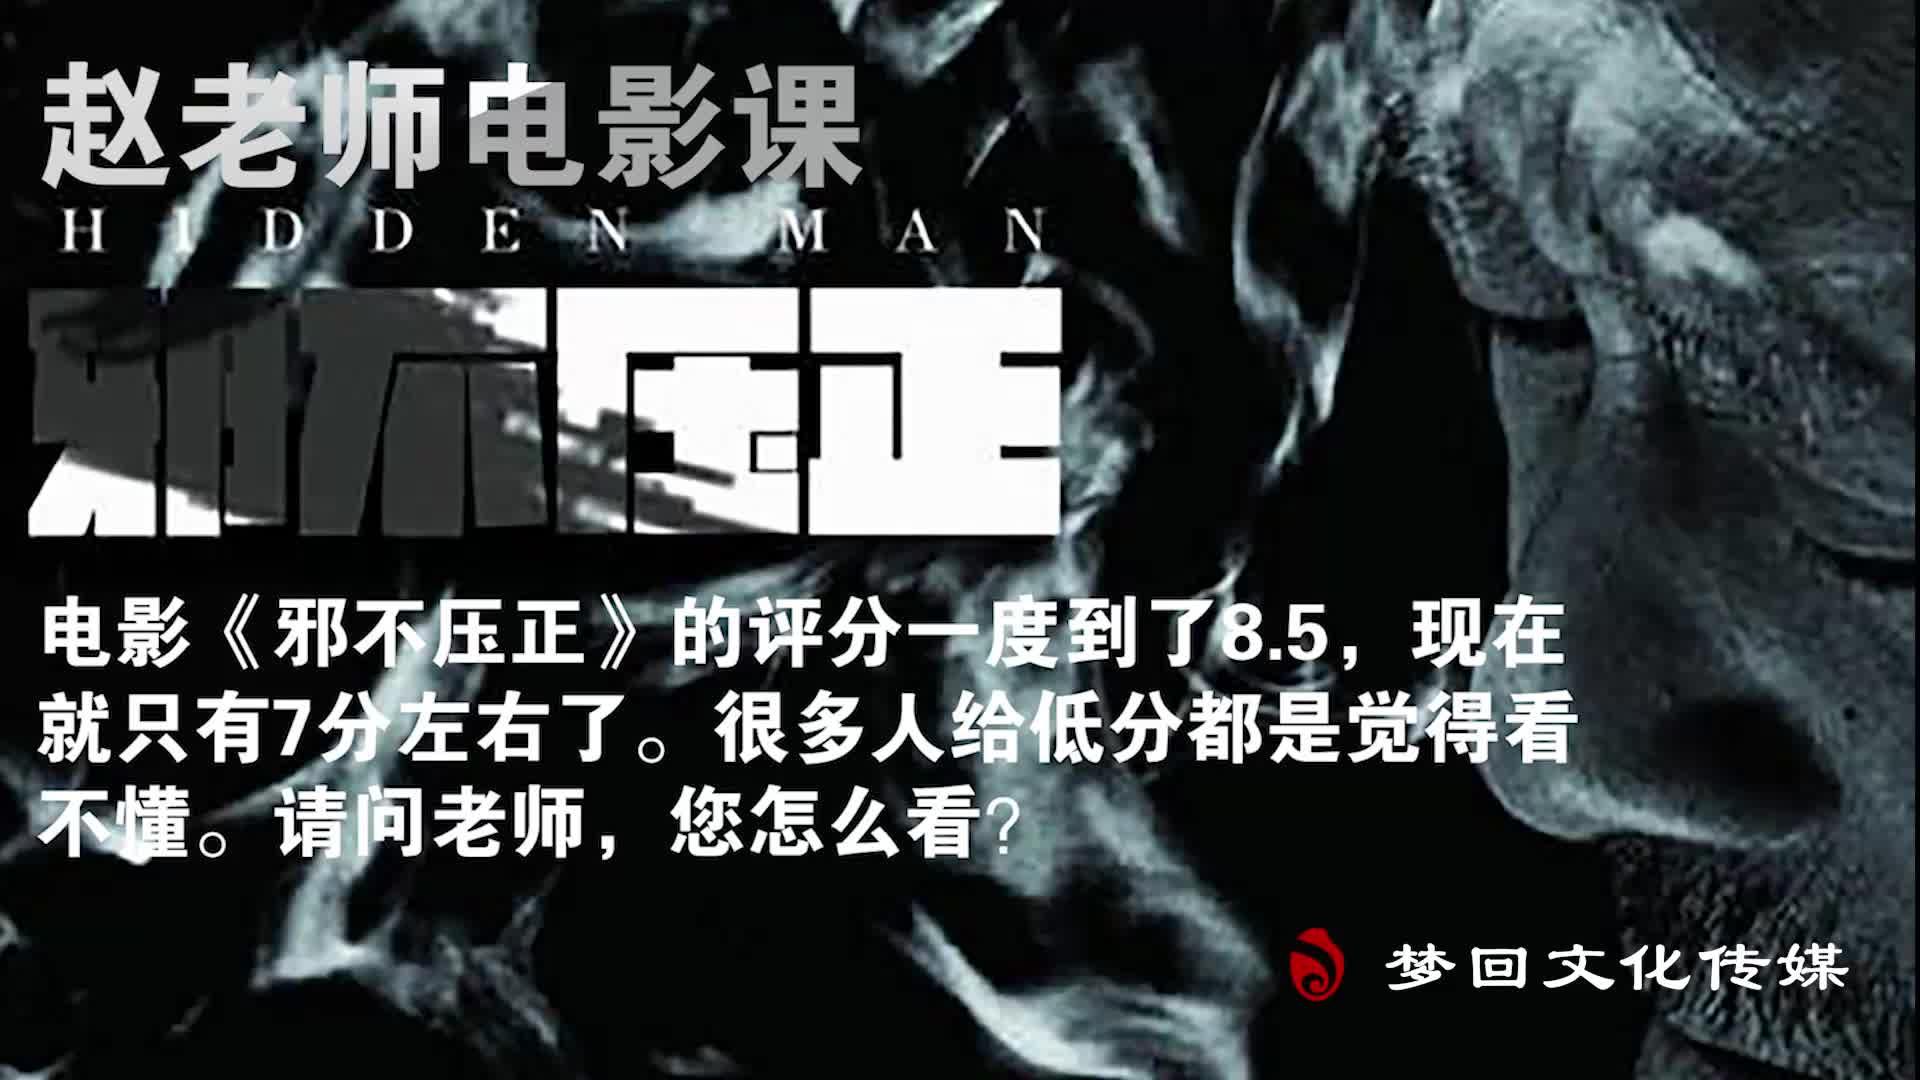 【赵老师的电影课】邪不压正(二)